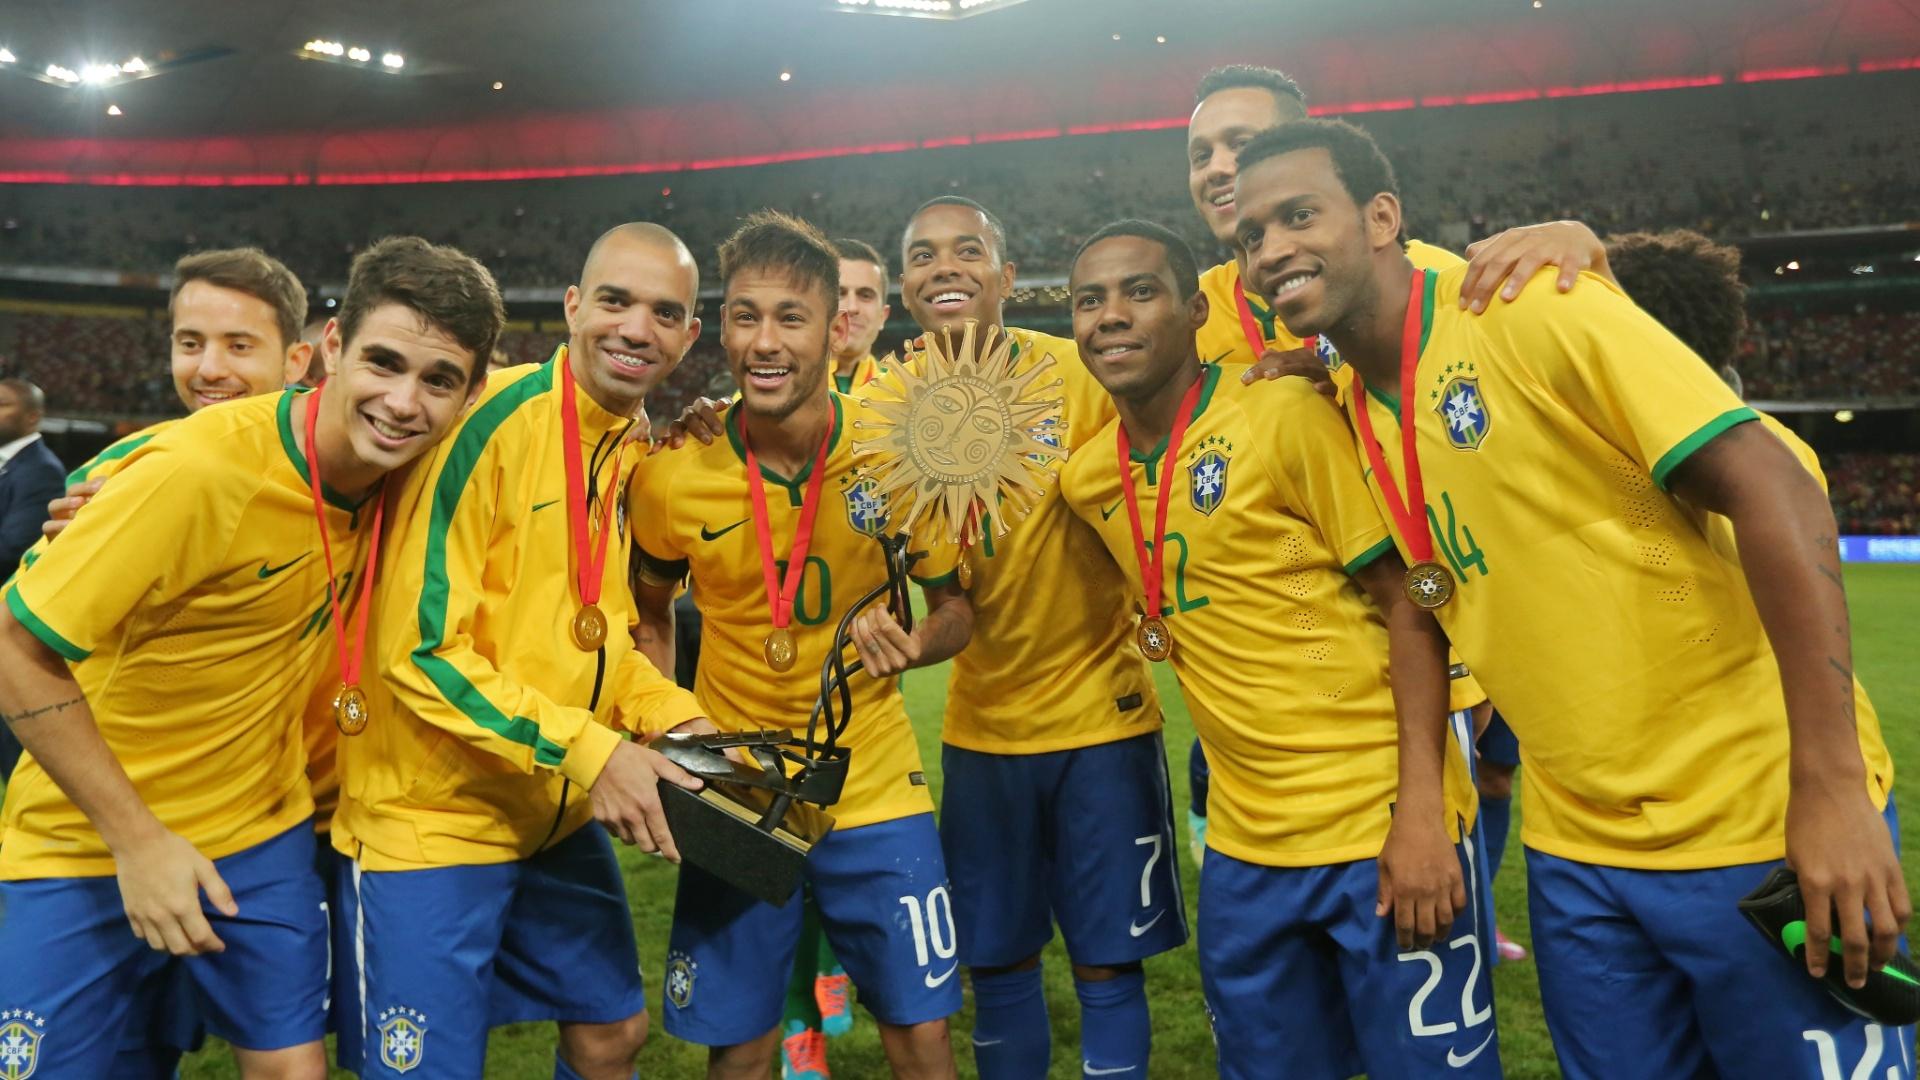 Jogadores da seleção, com Neymar ao centro posam para fotos com o troféu do Superclássico das Américas, conquistado após a vitória por 2 a 0 sobre a Argentina em Pequim